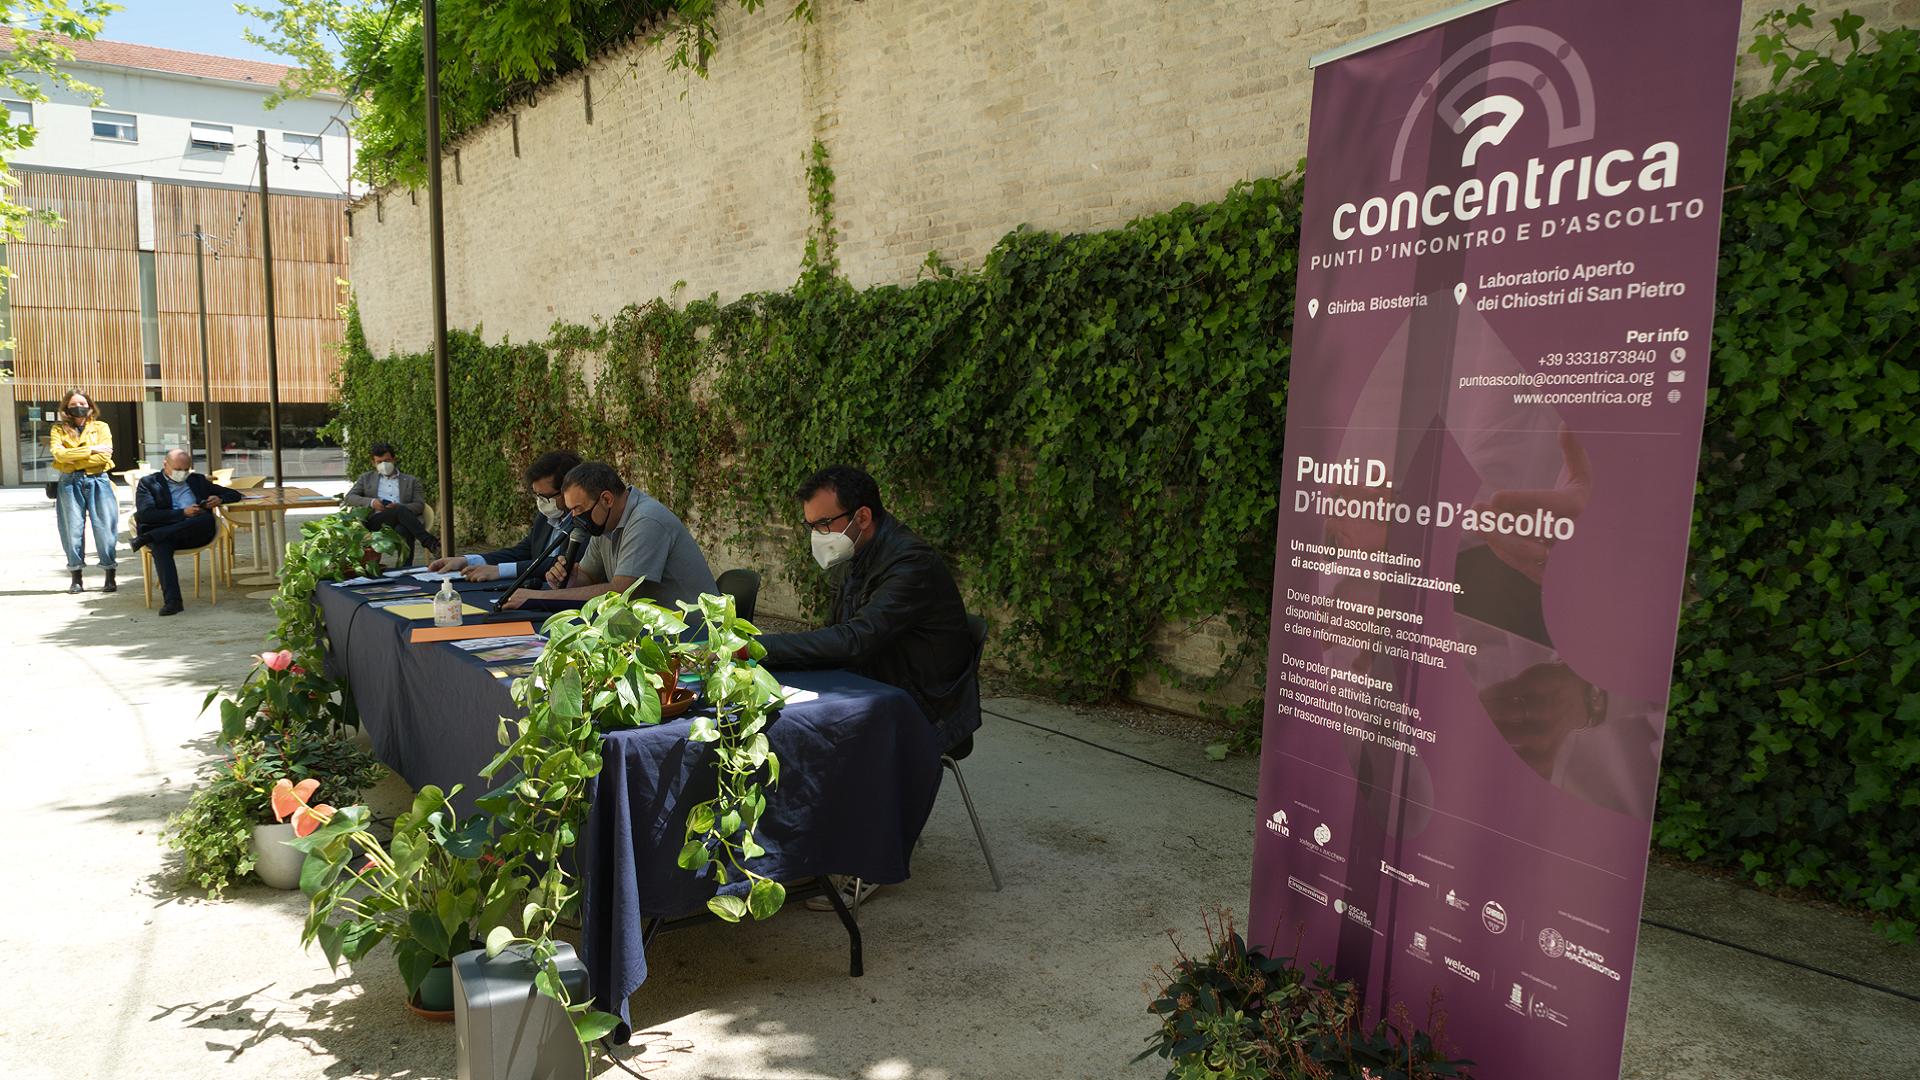 Il Laboratorio Aperto ospita uno sportello PUNTO D. di CONCENTRICA, la rete per nuove comunità socievoli